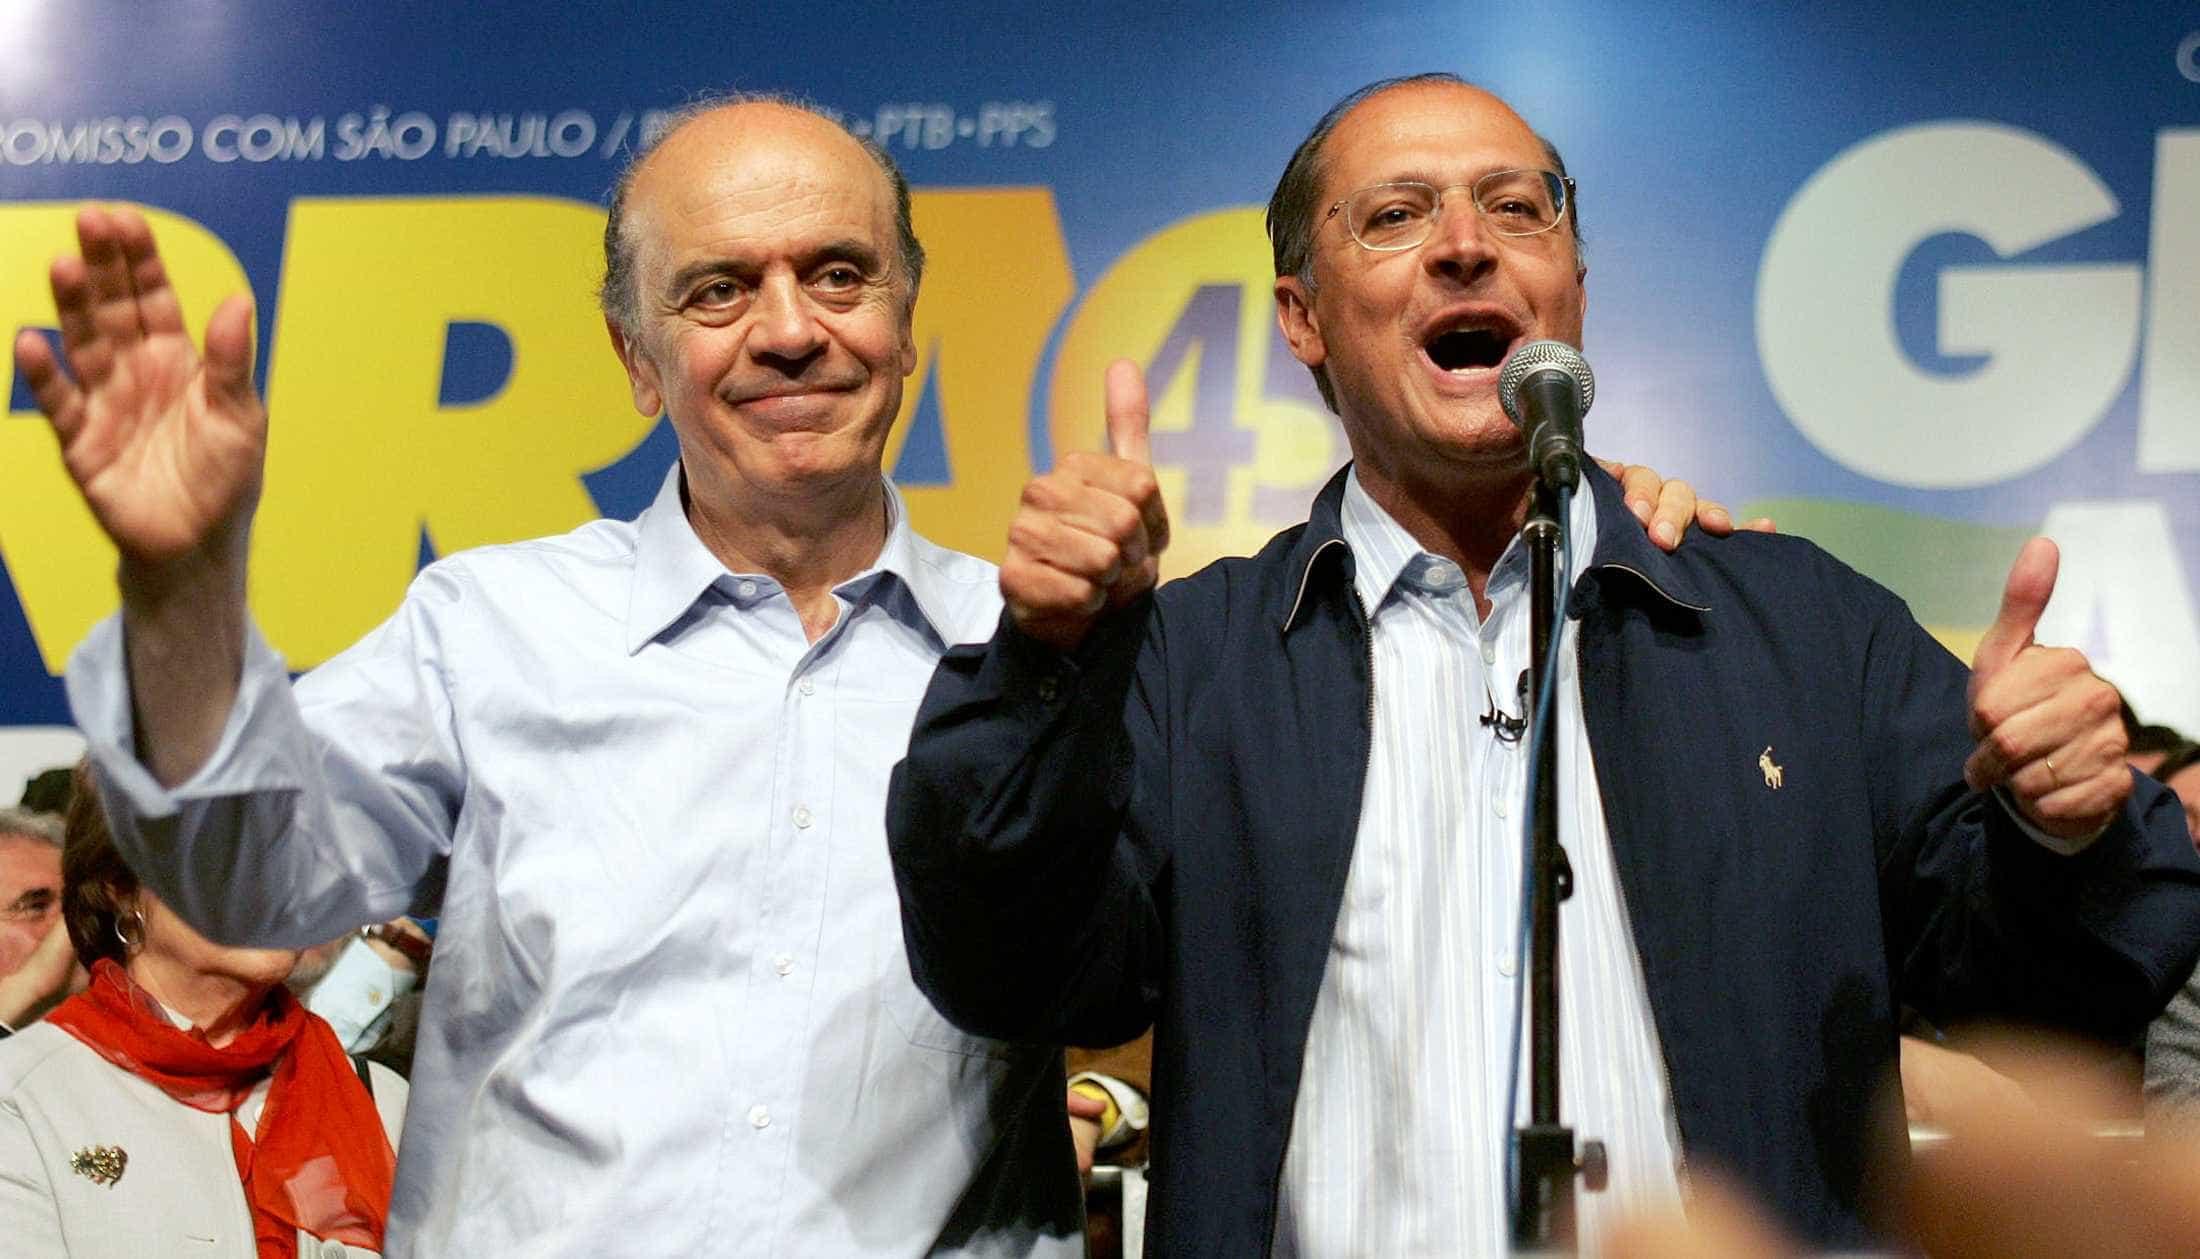 CCR faz acordo e cita doação via caixa dois para Alckmin e Serra